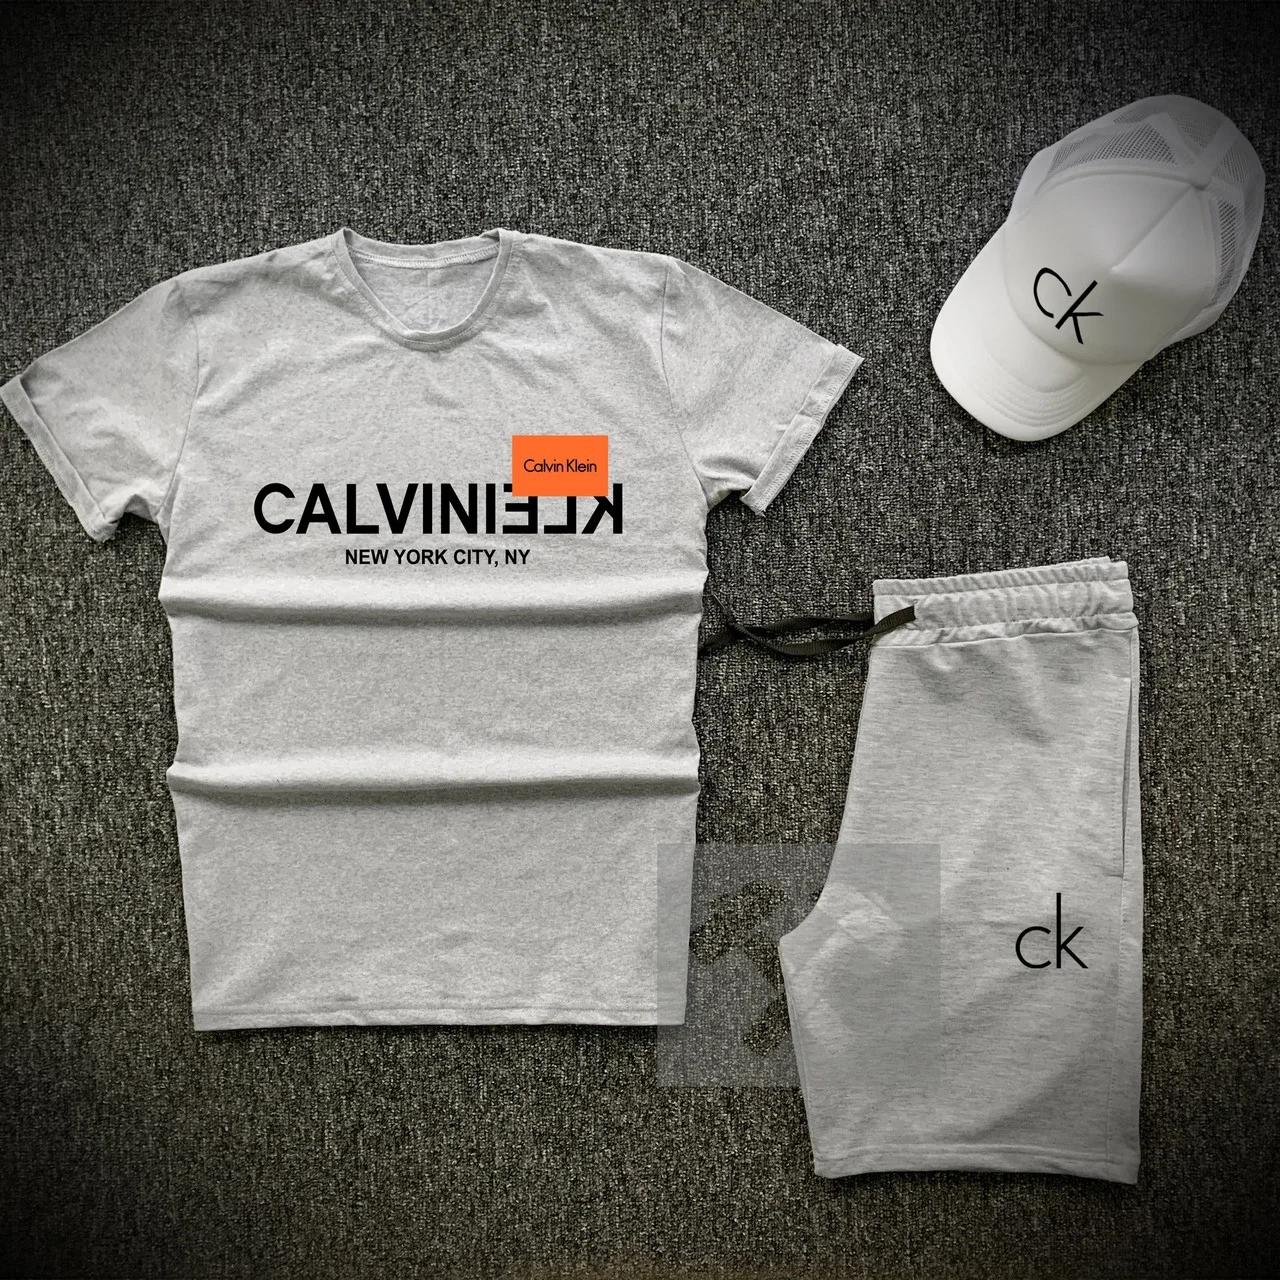 Футболка і шорти Calvin Klein сірого кольору